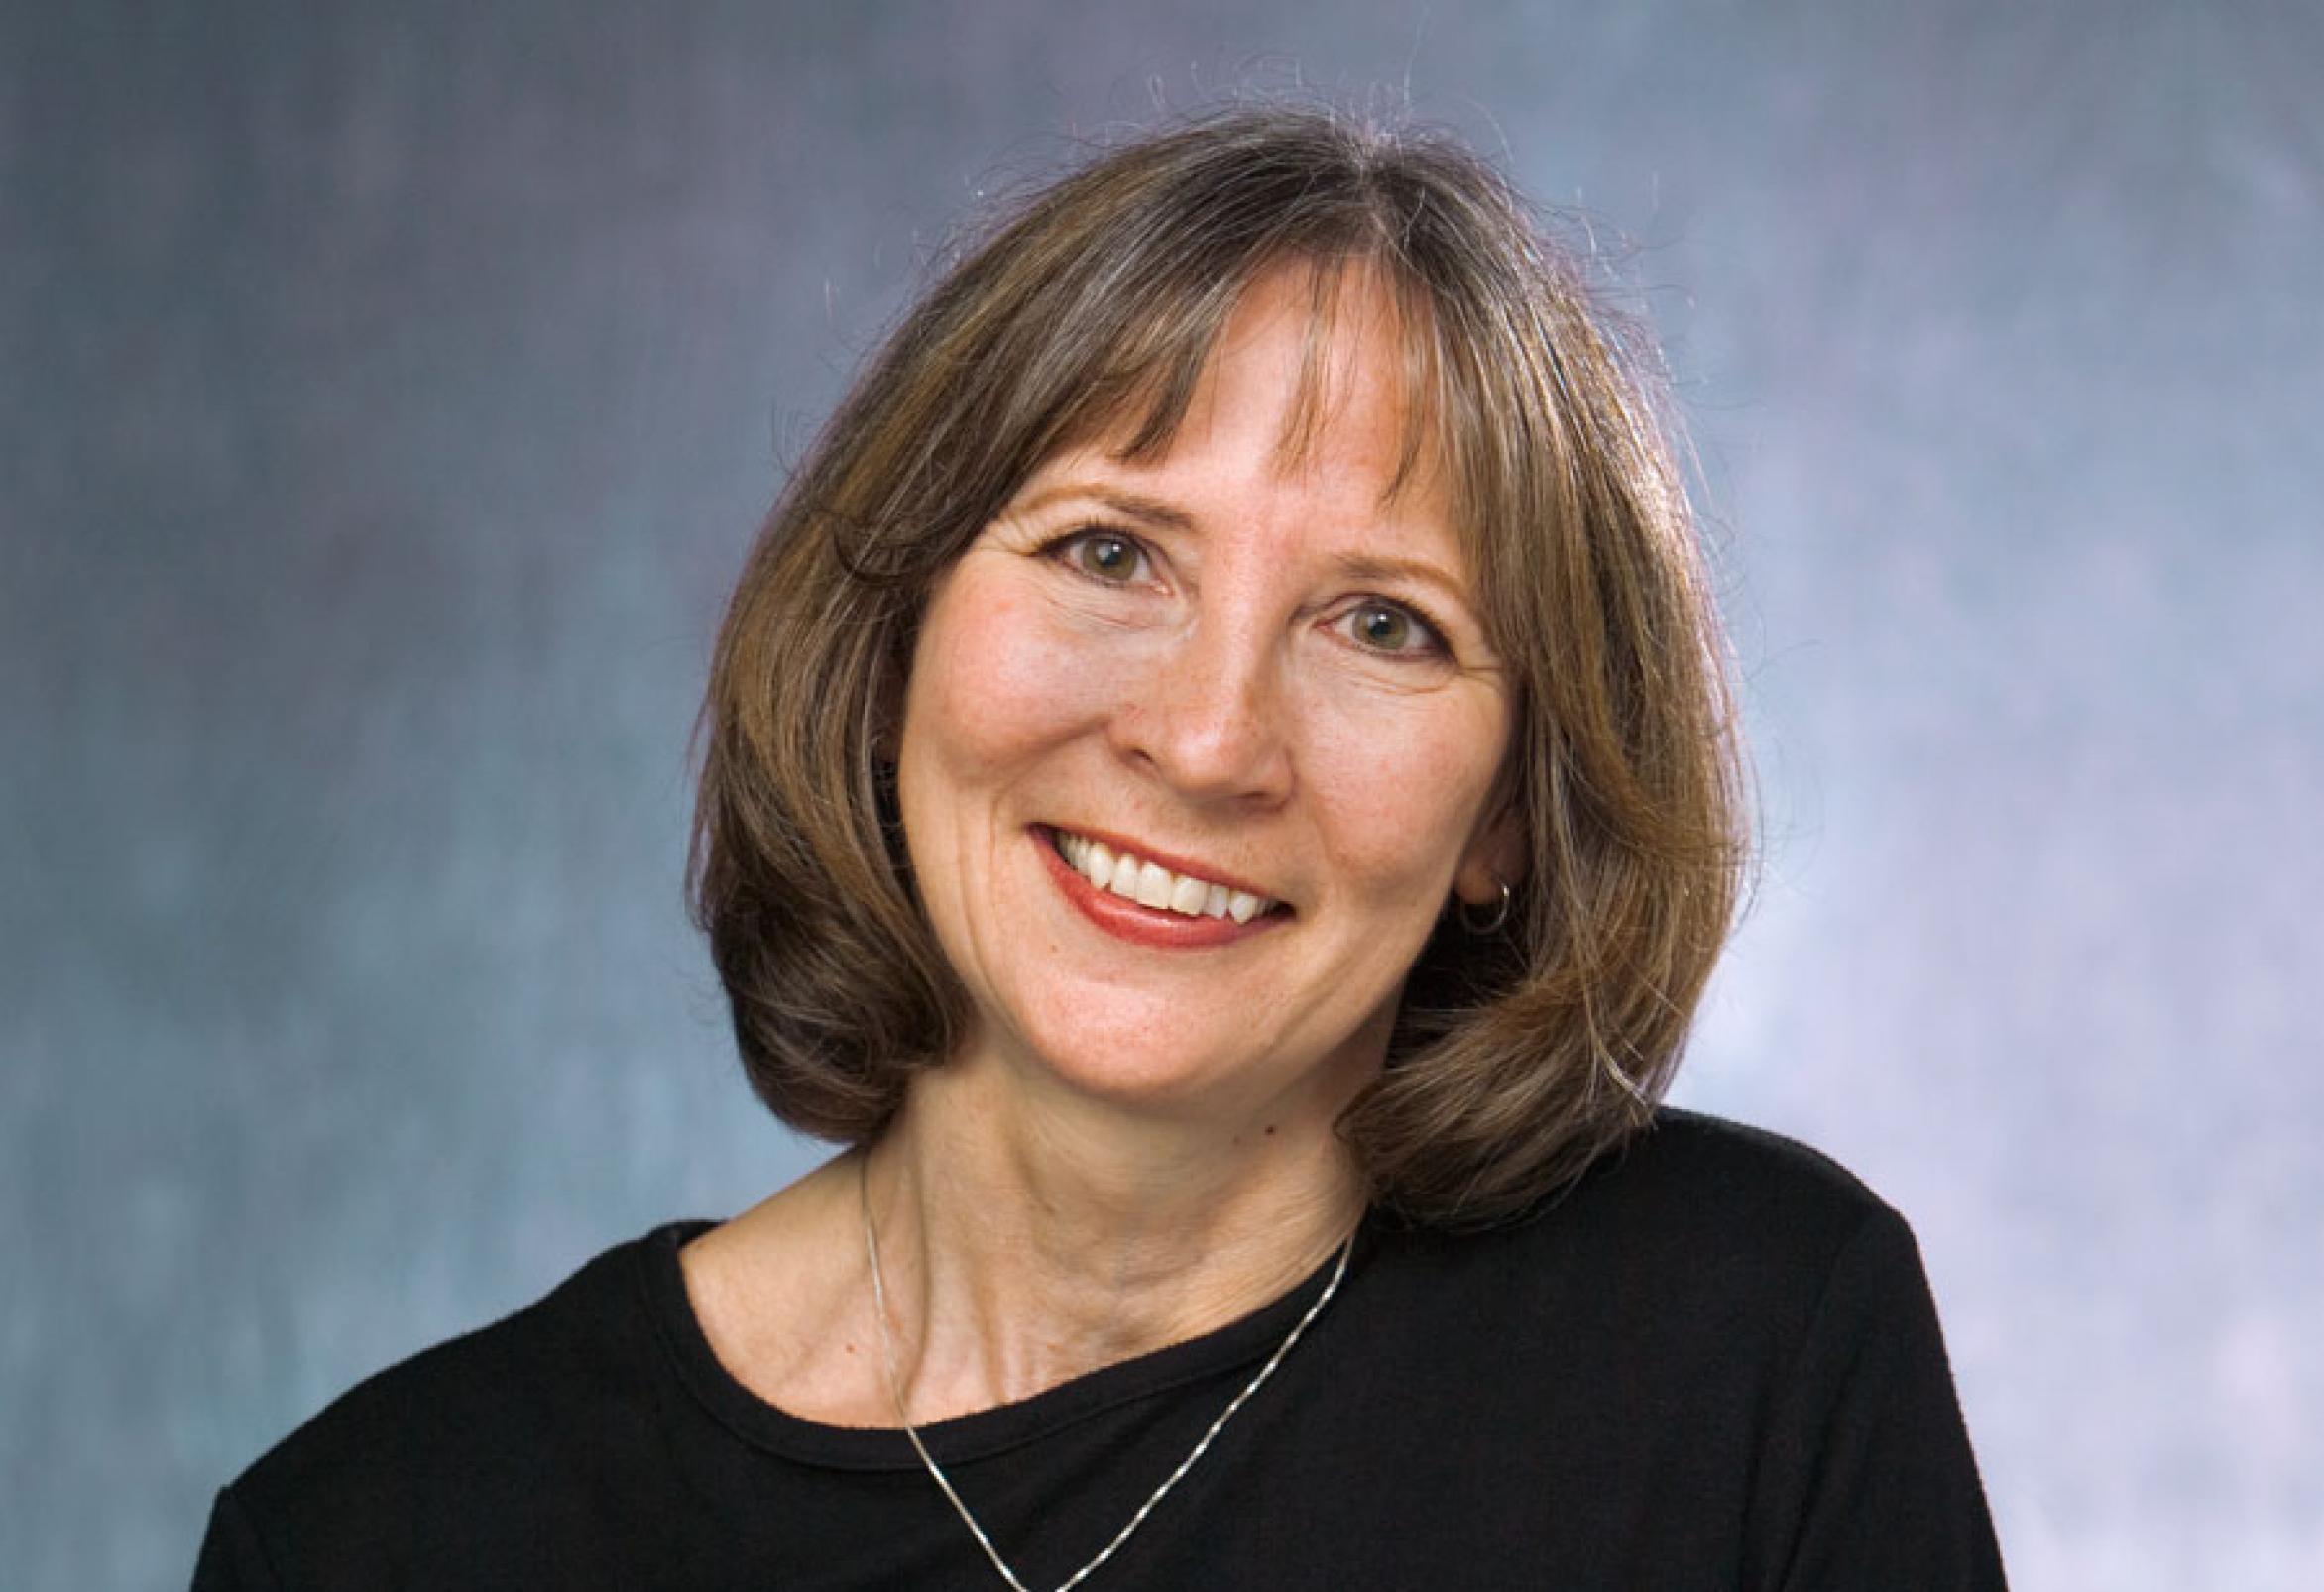 Visit Profile of Pamela S Tolbert